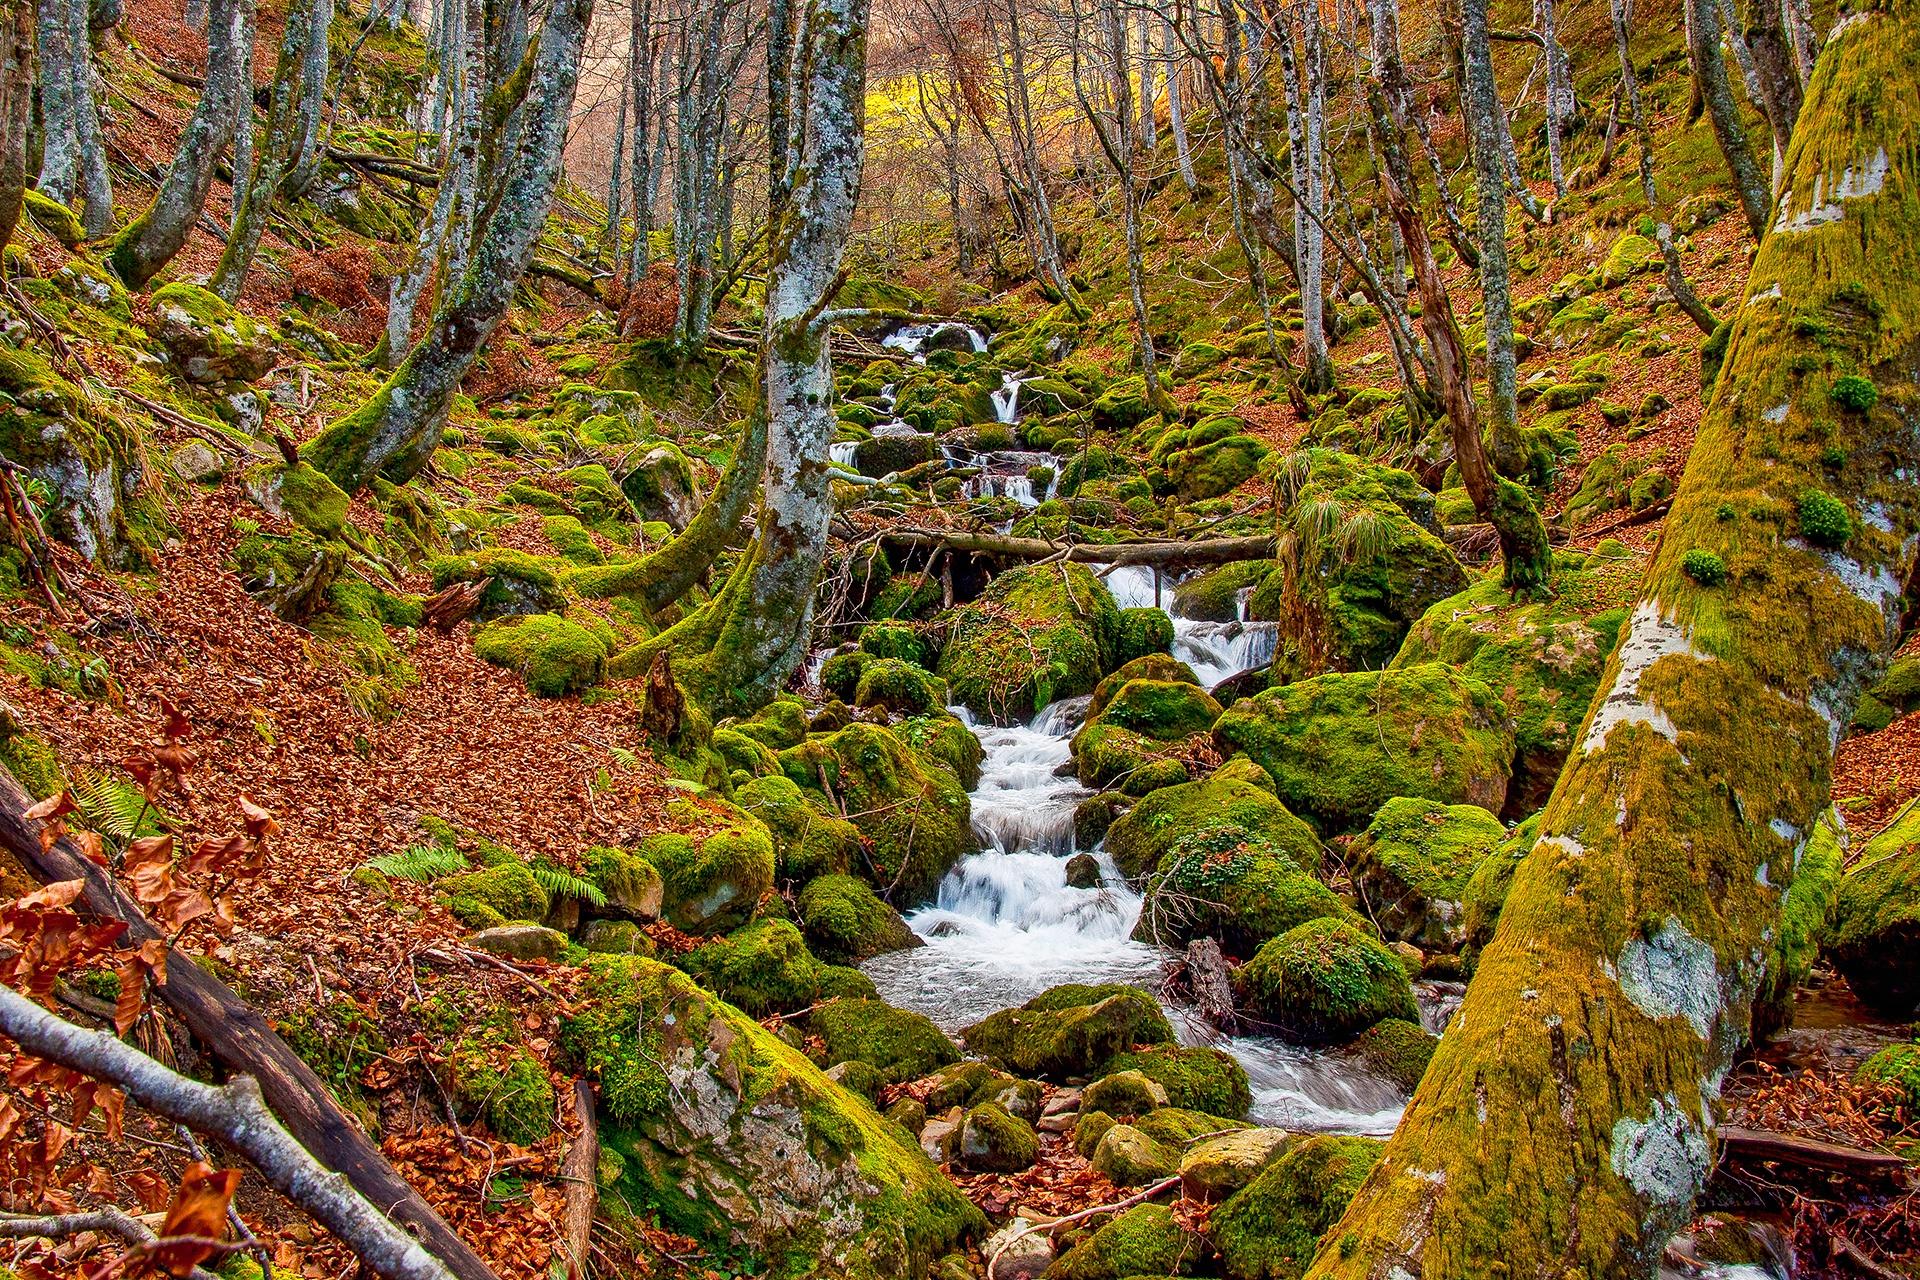 Daniel Miranda Viescas - 2019 - AFONAS, Asociación de Fotografos de Naturaleza de Asturias